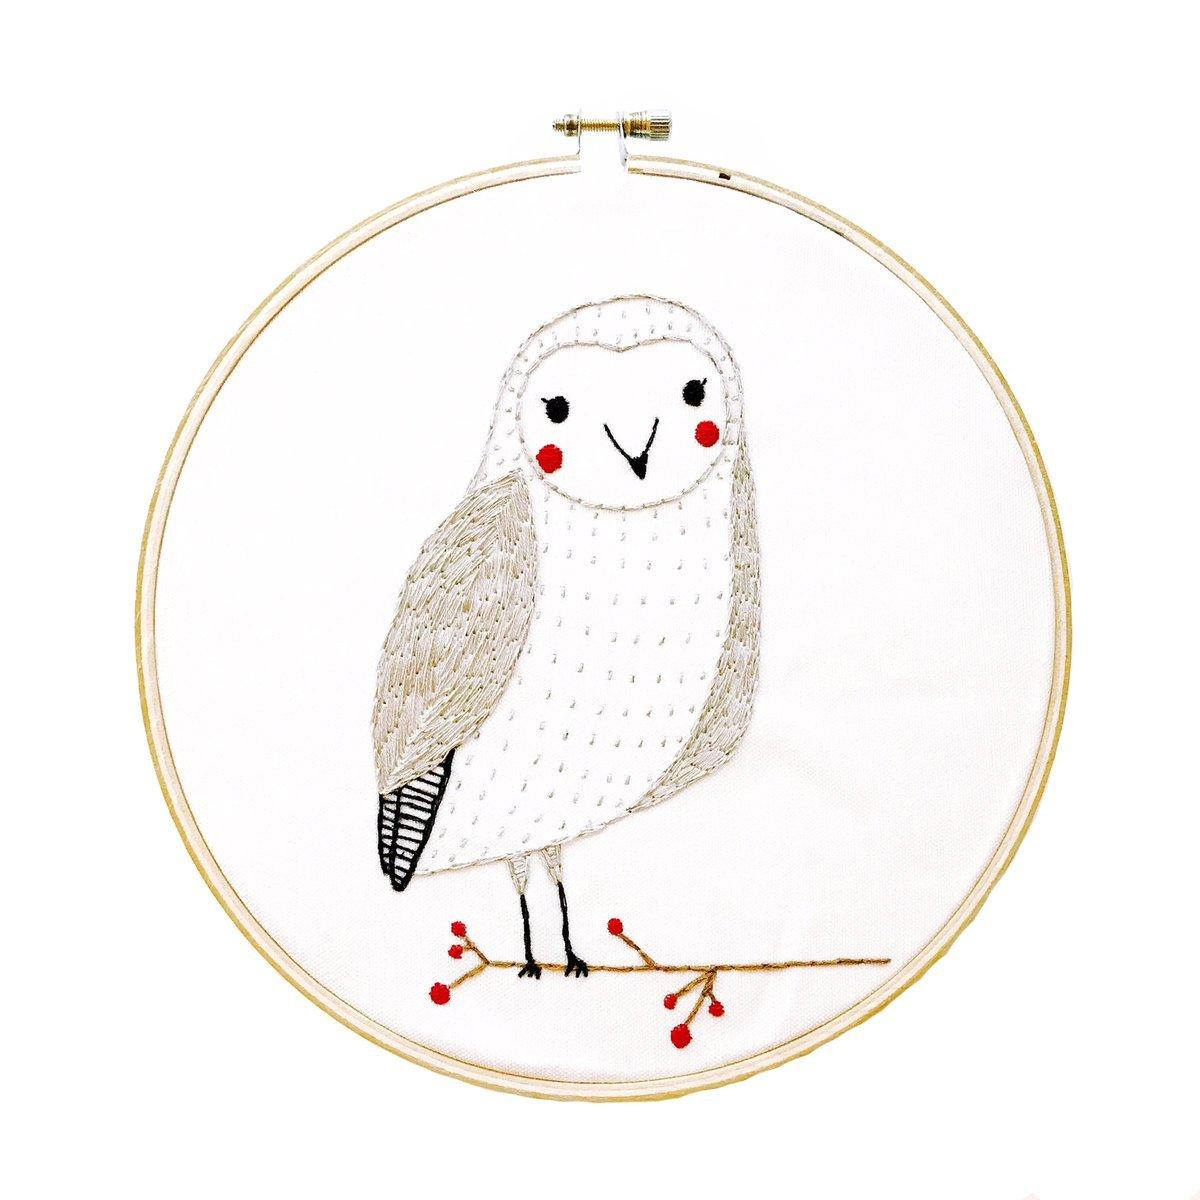 Embroidery Sampler Merriment Owl - Gingiber